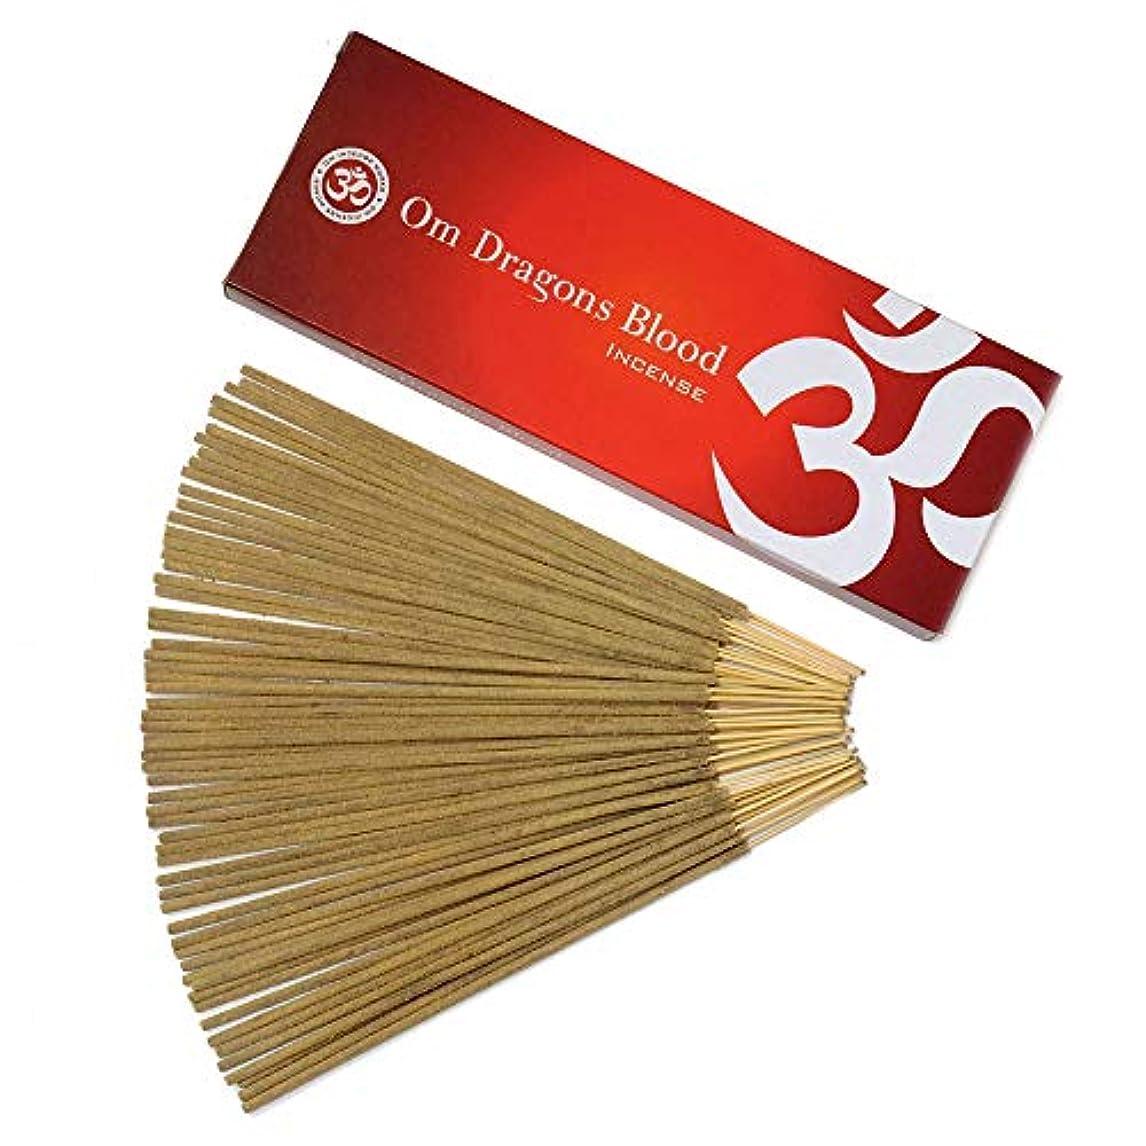 実現可能性角度深遠Om Incense Works Natural Fragrance Incense Sticks 100グラム 709733007088